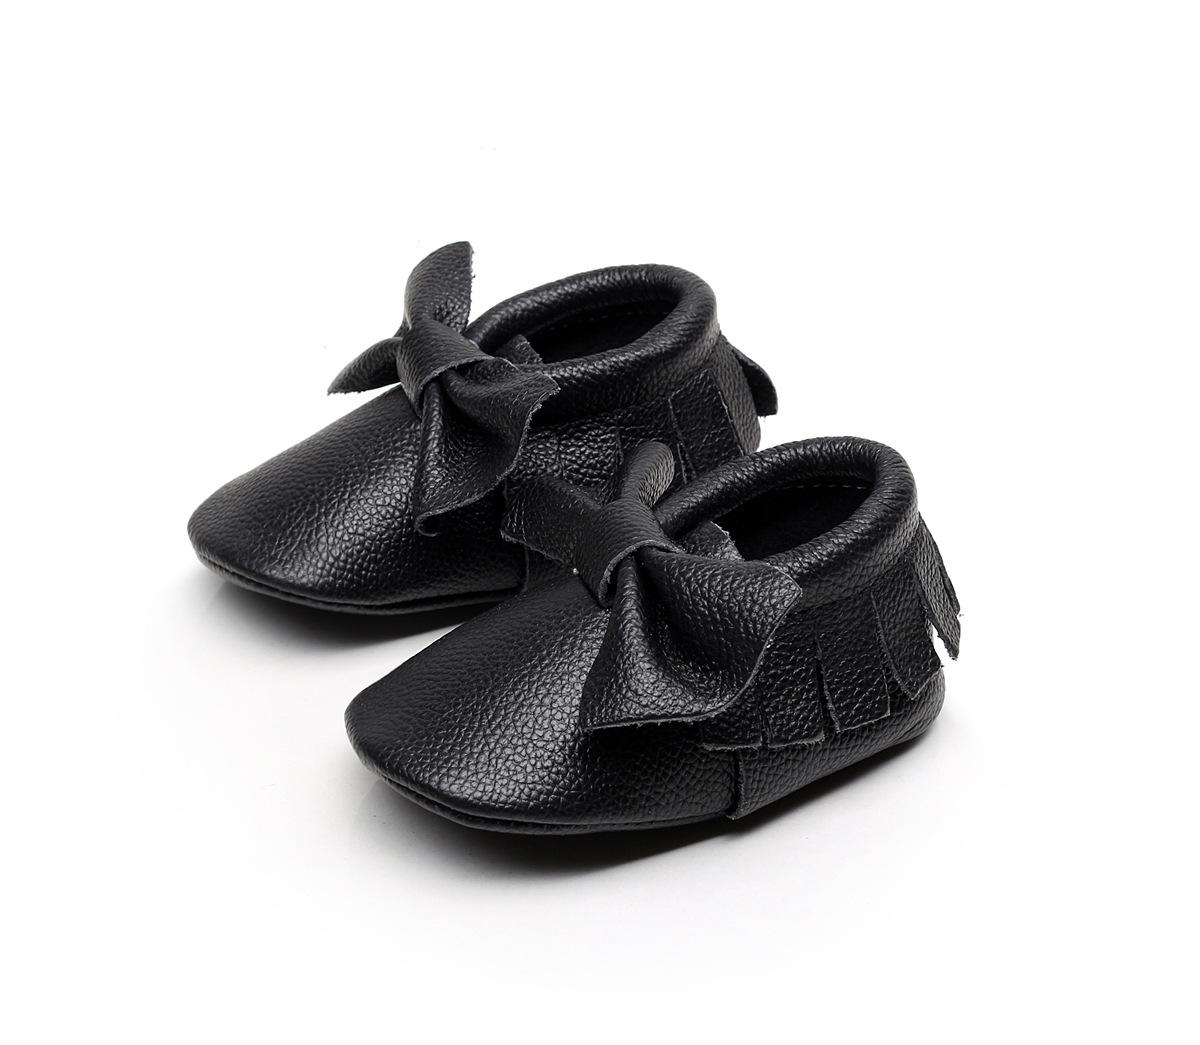 Zapatos de bebé de calidad superior de cuero genuino Slip-on Prewalkers Bow borlas mocasines bebés niño pequeño primeros caminantes 2016 European Autumn Spring